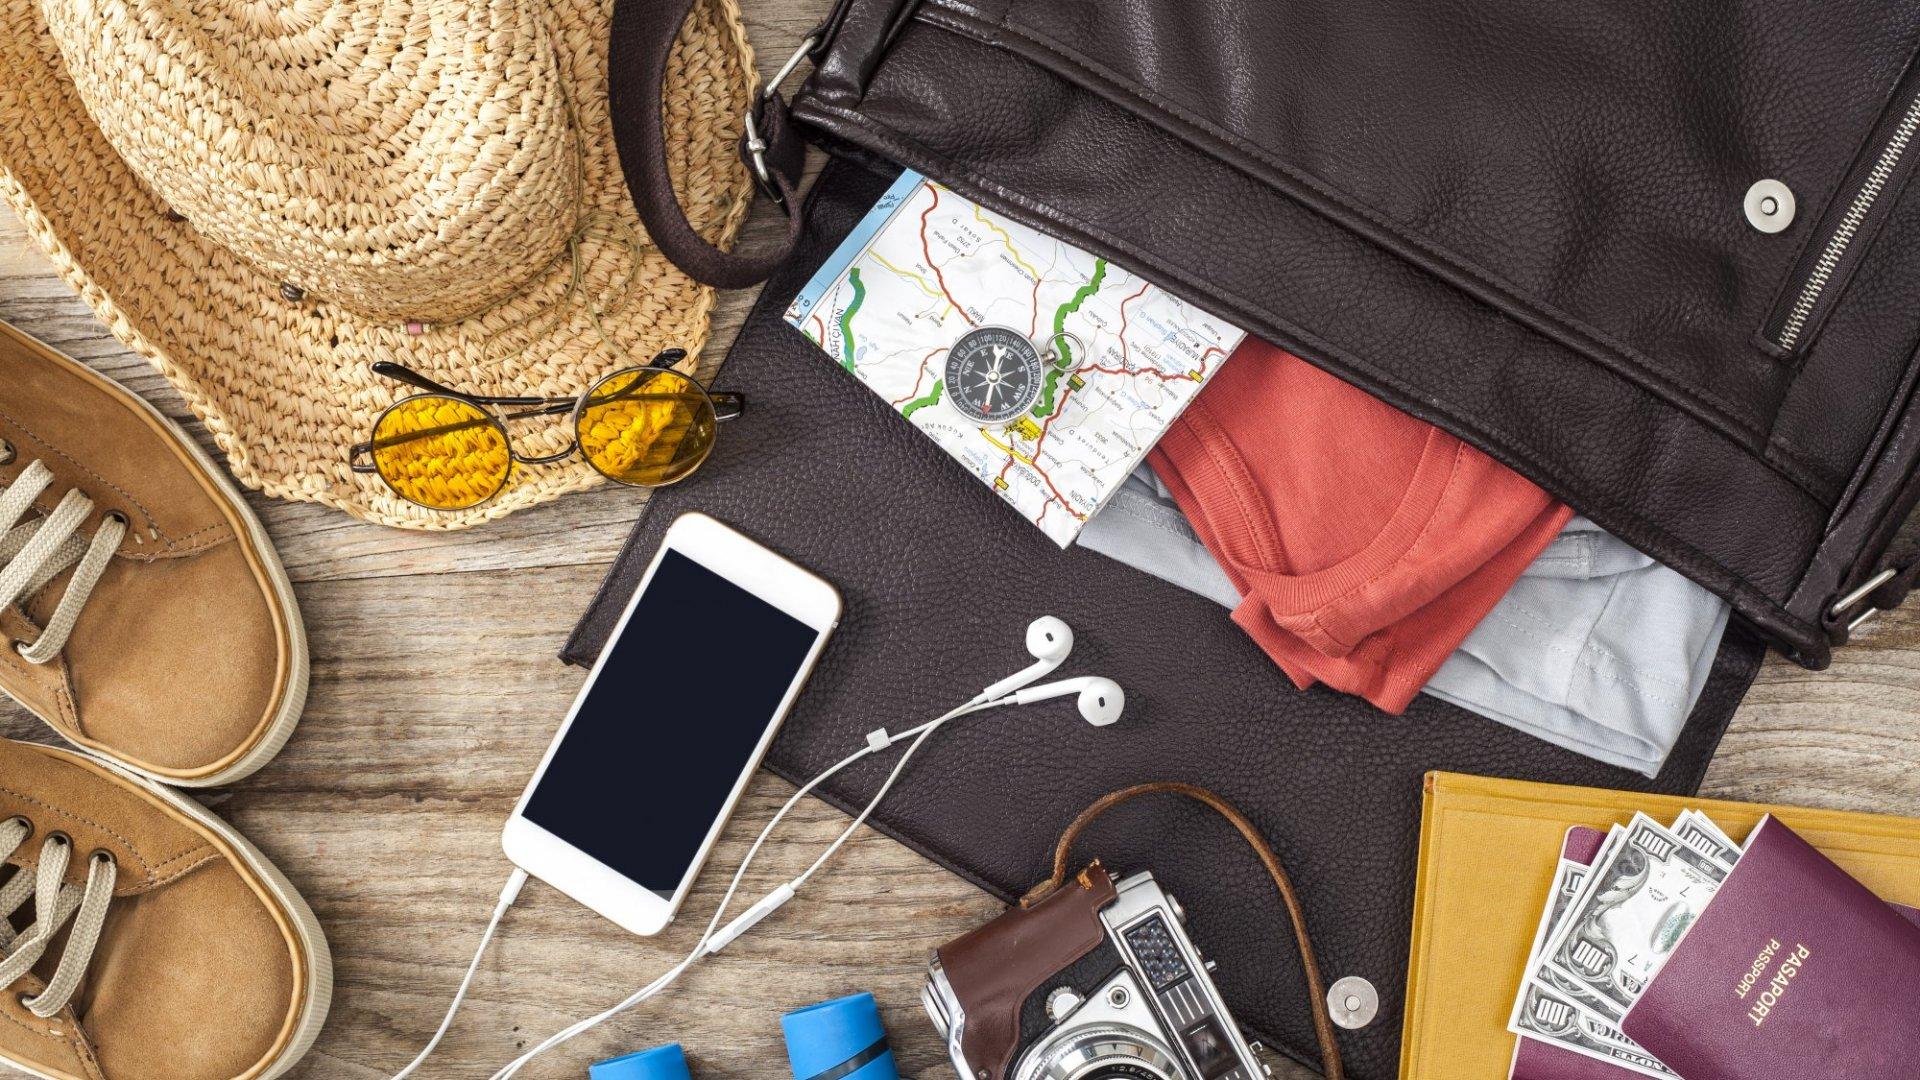 اغراض السفر التي يجب عليك اقتنائها